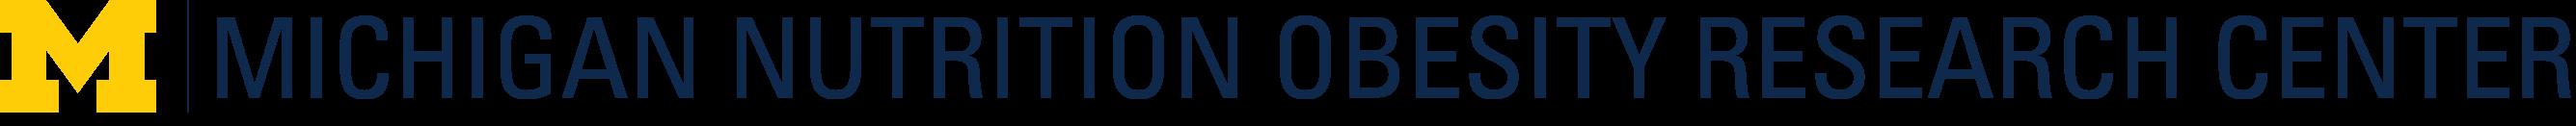 MNORC Annual Symposium